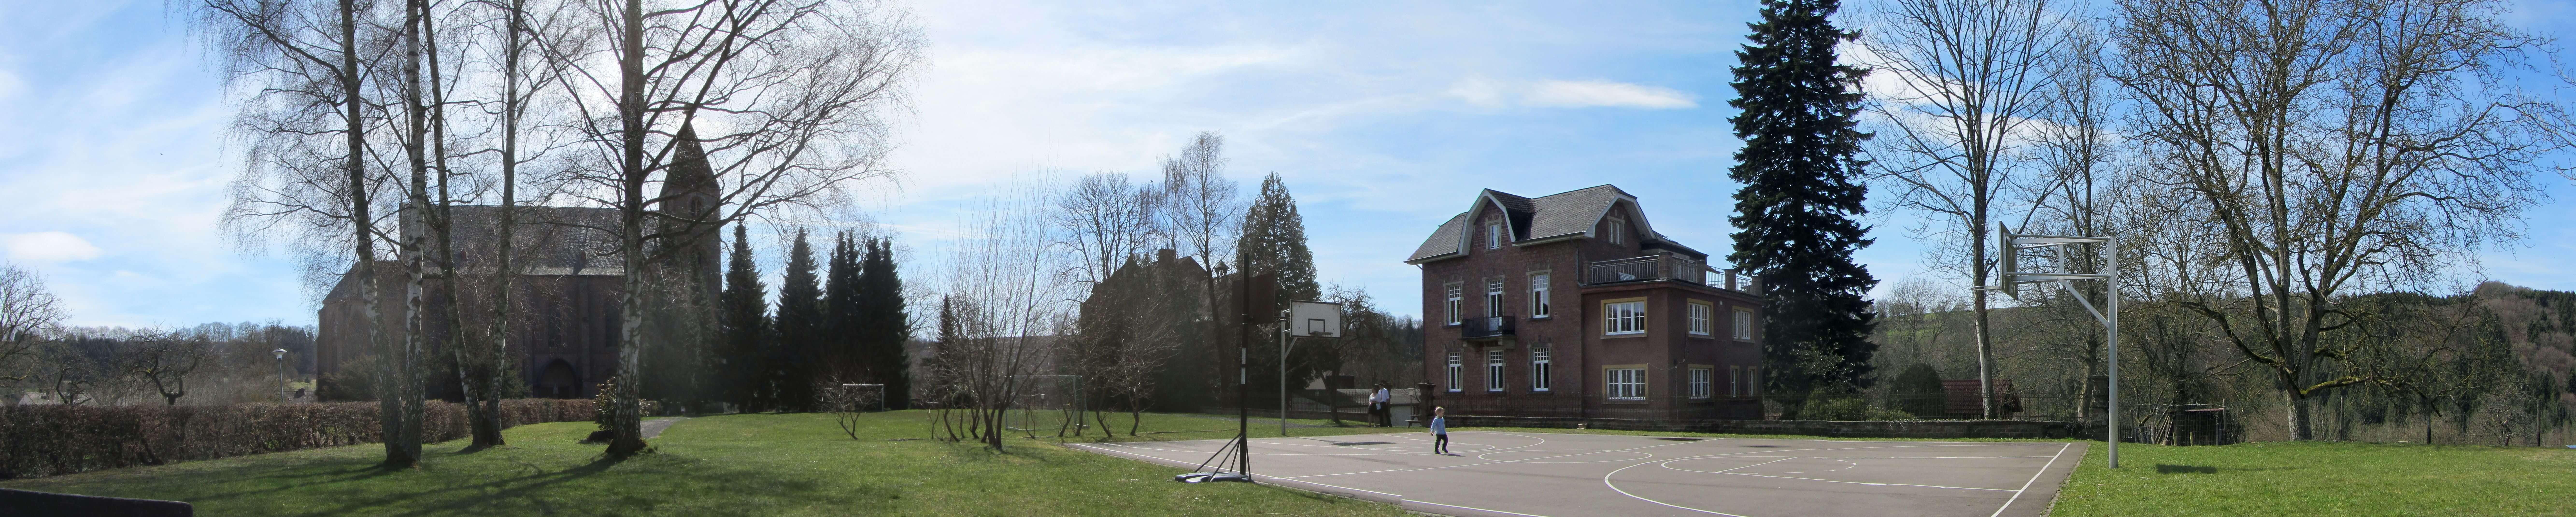 Stiftsberg Kyllburg